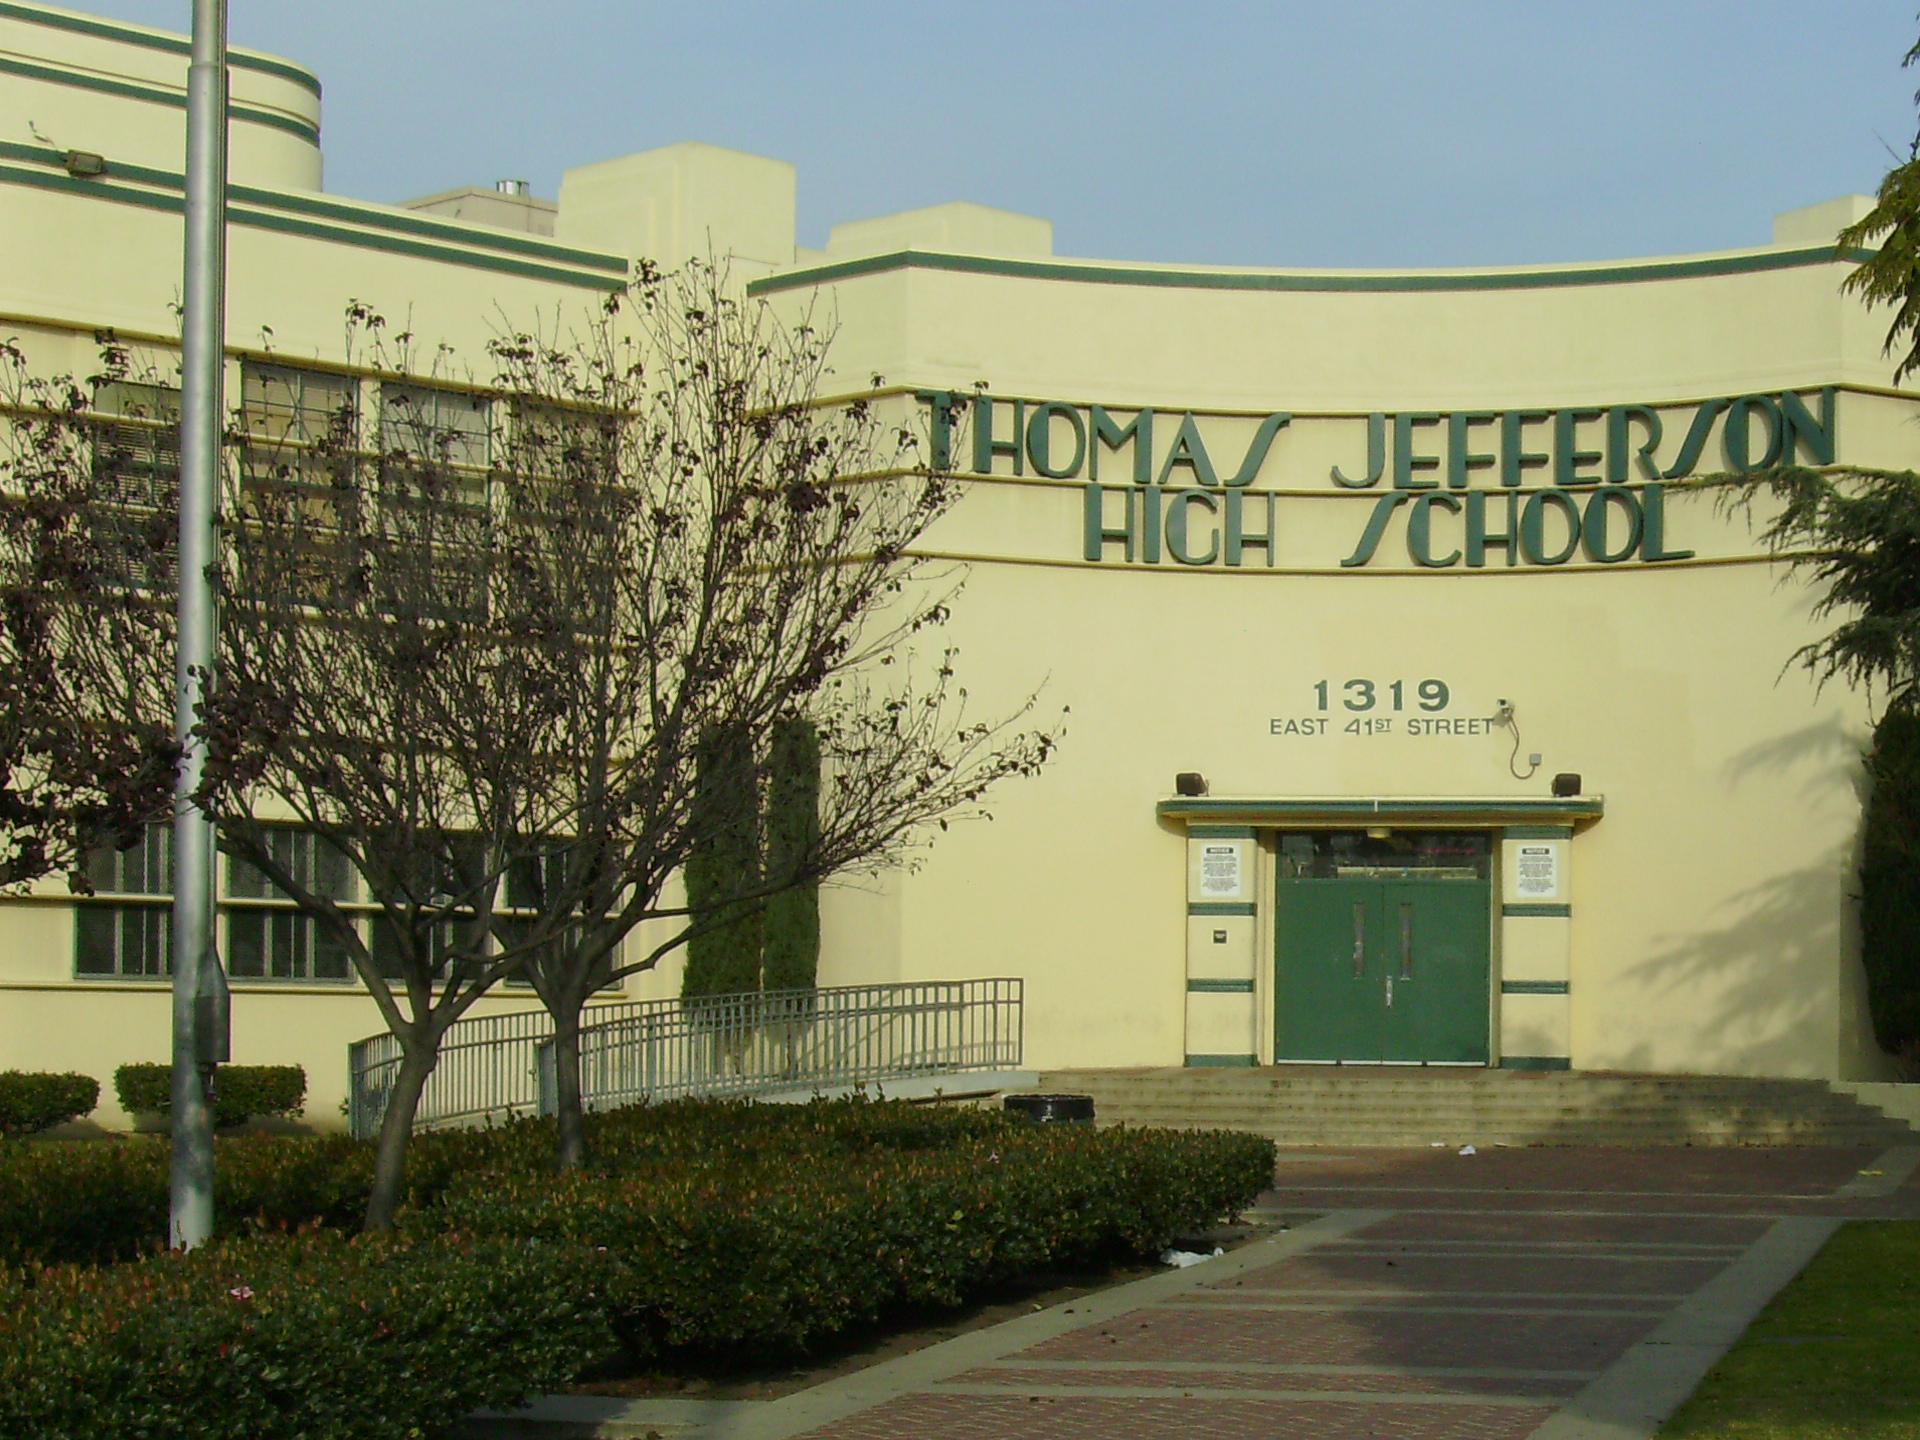 Jefferson High School (Los Angeles) - Wikipedia